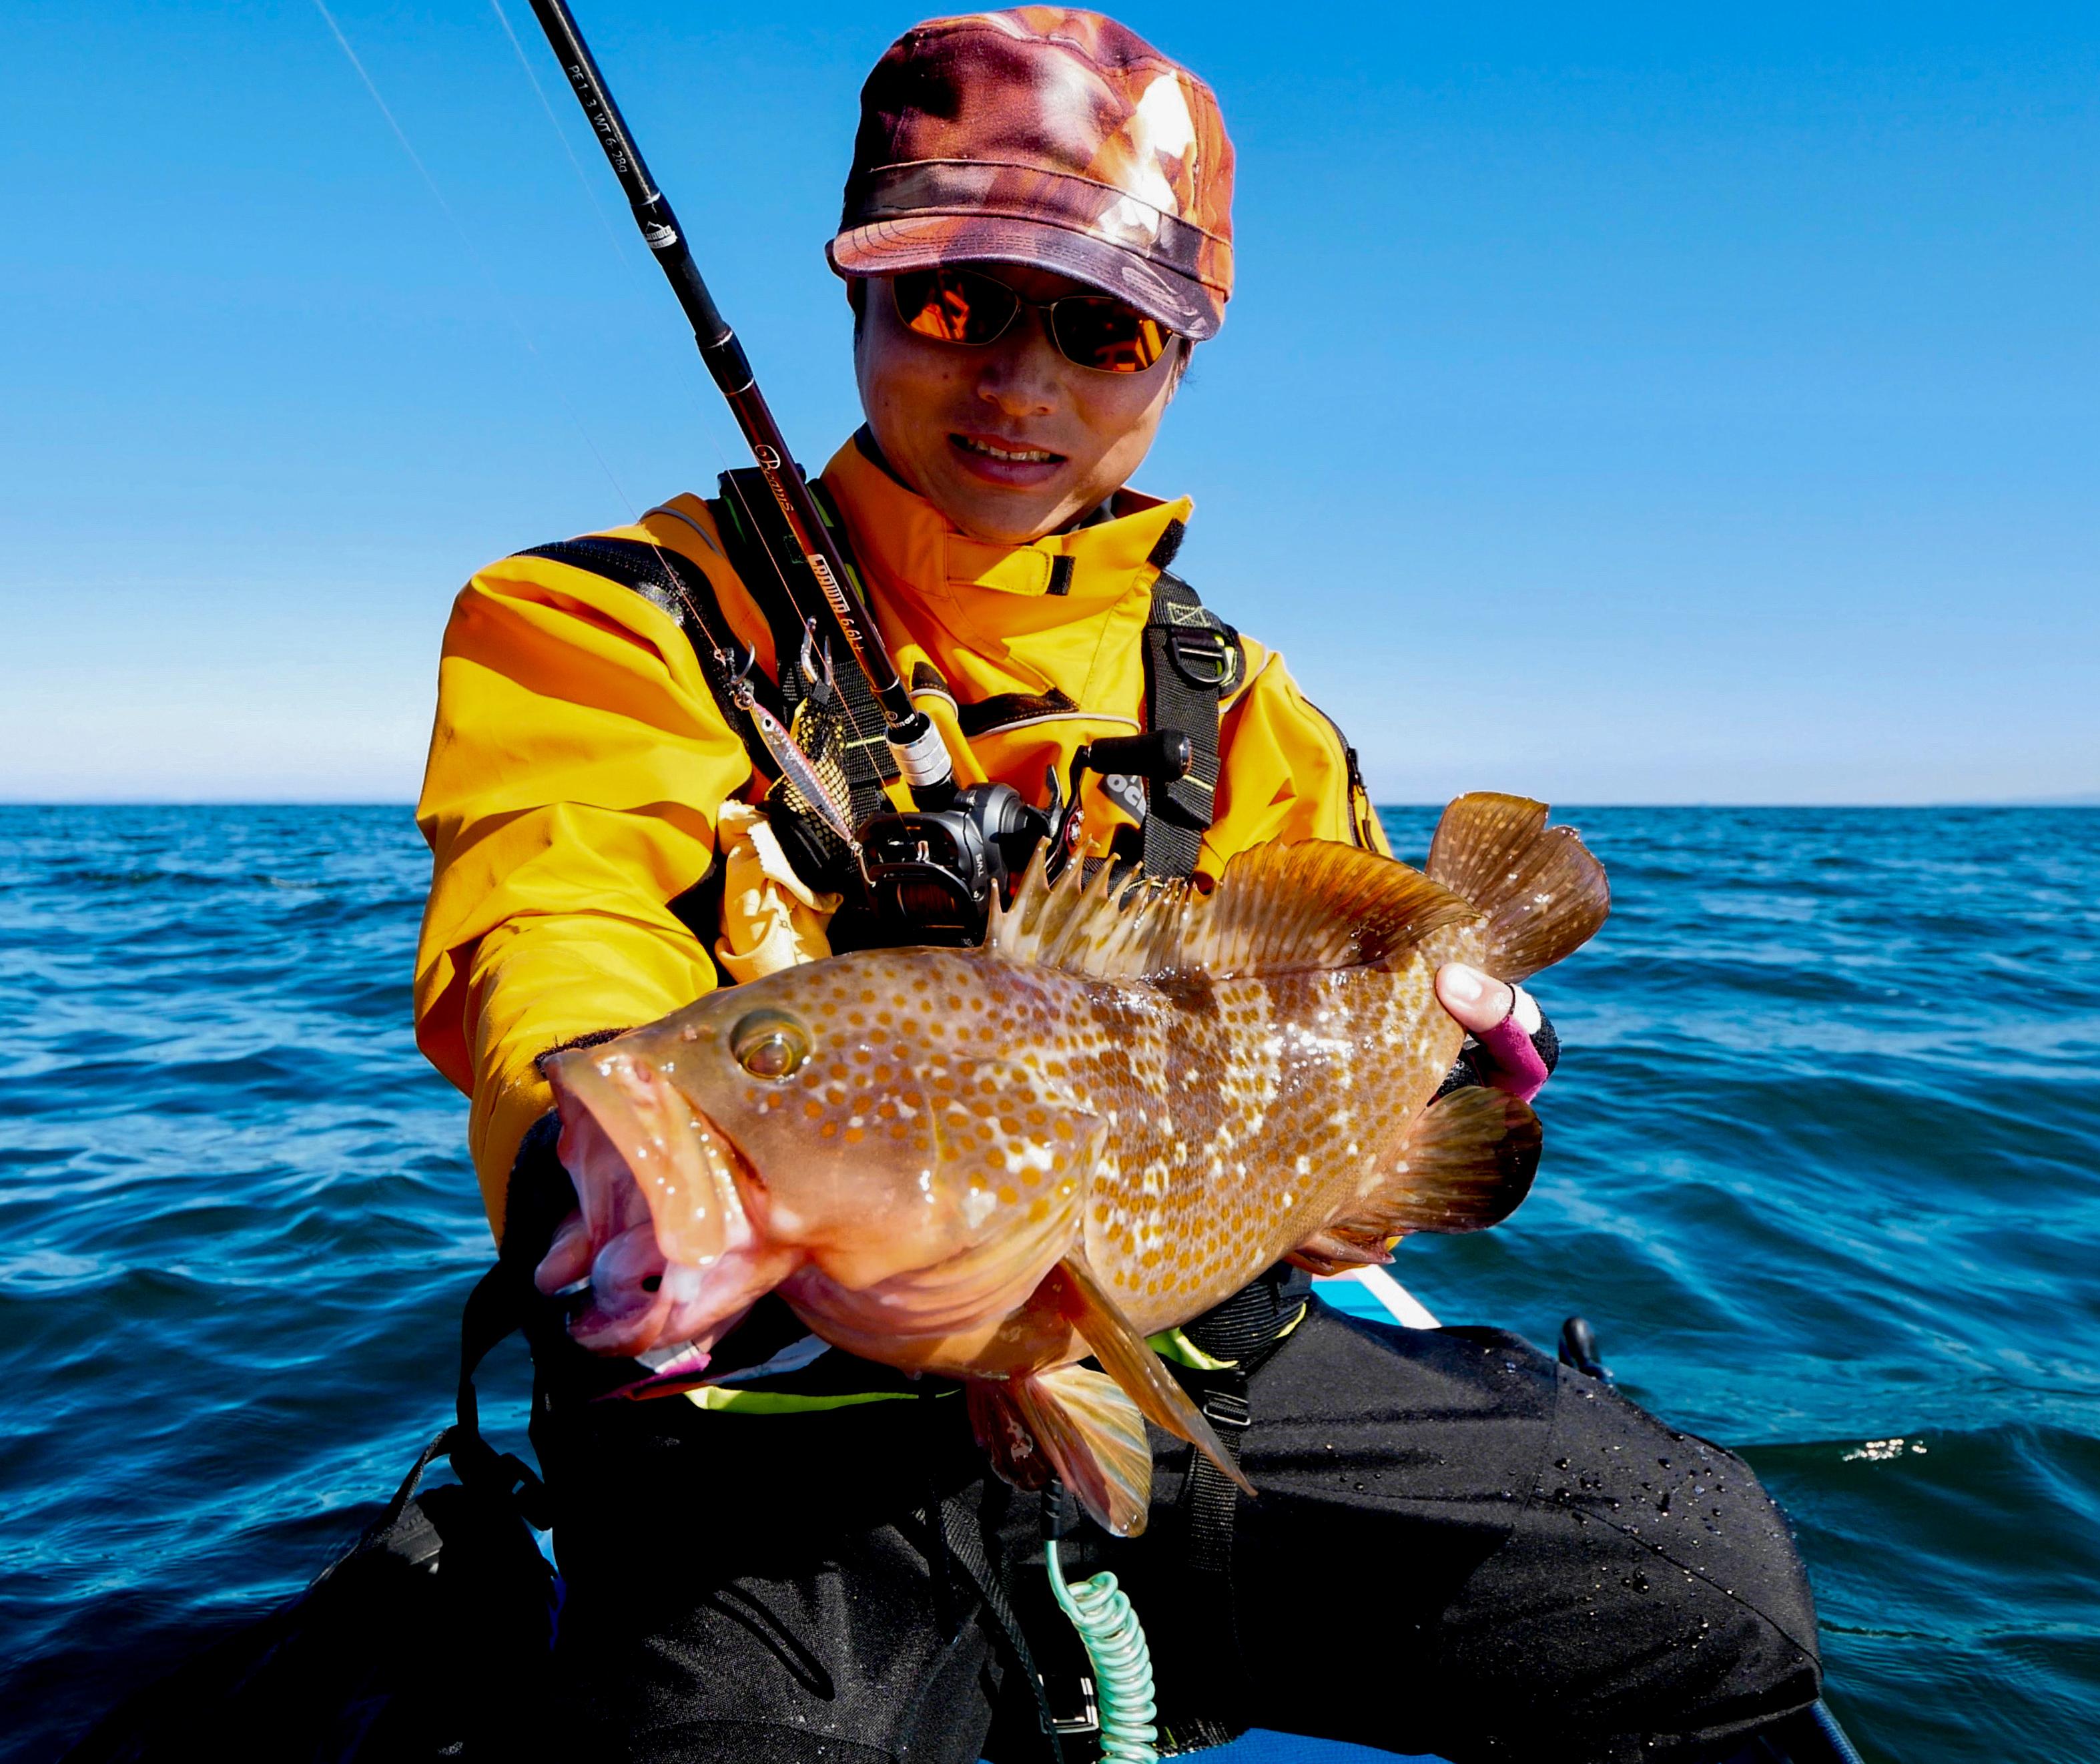 新規ポイント開拓でCRAWLAは万能!『どんな釣りでも出来る』バーサタイル性と『快感すら覚える飛距離』を叩きだすキャスタビリティ、そして『どんな魚を掛けても戦える』強さはかなりのアドバンテージとなる!